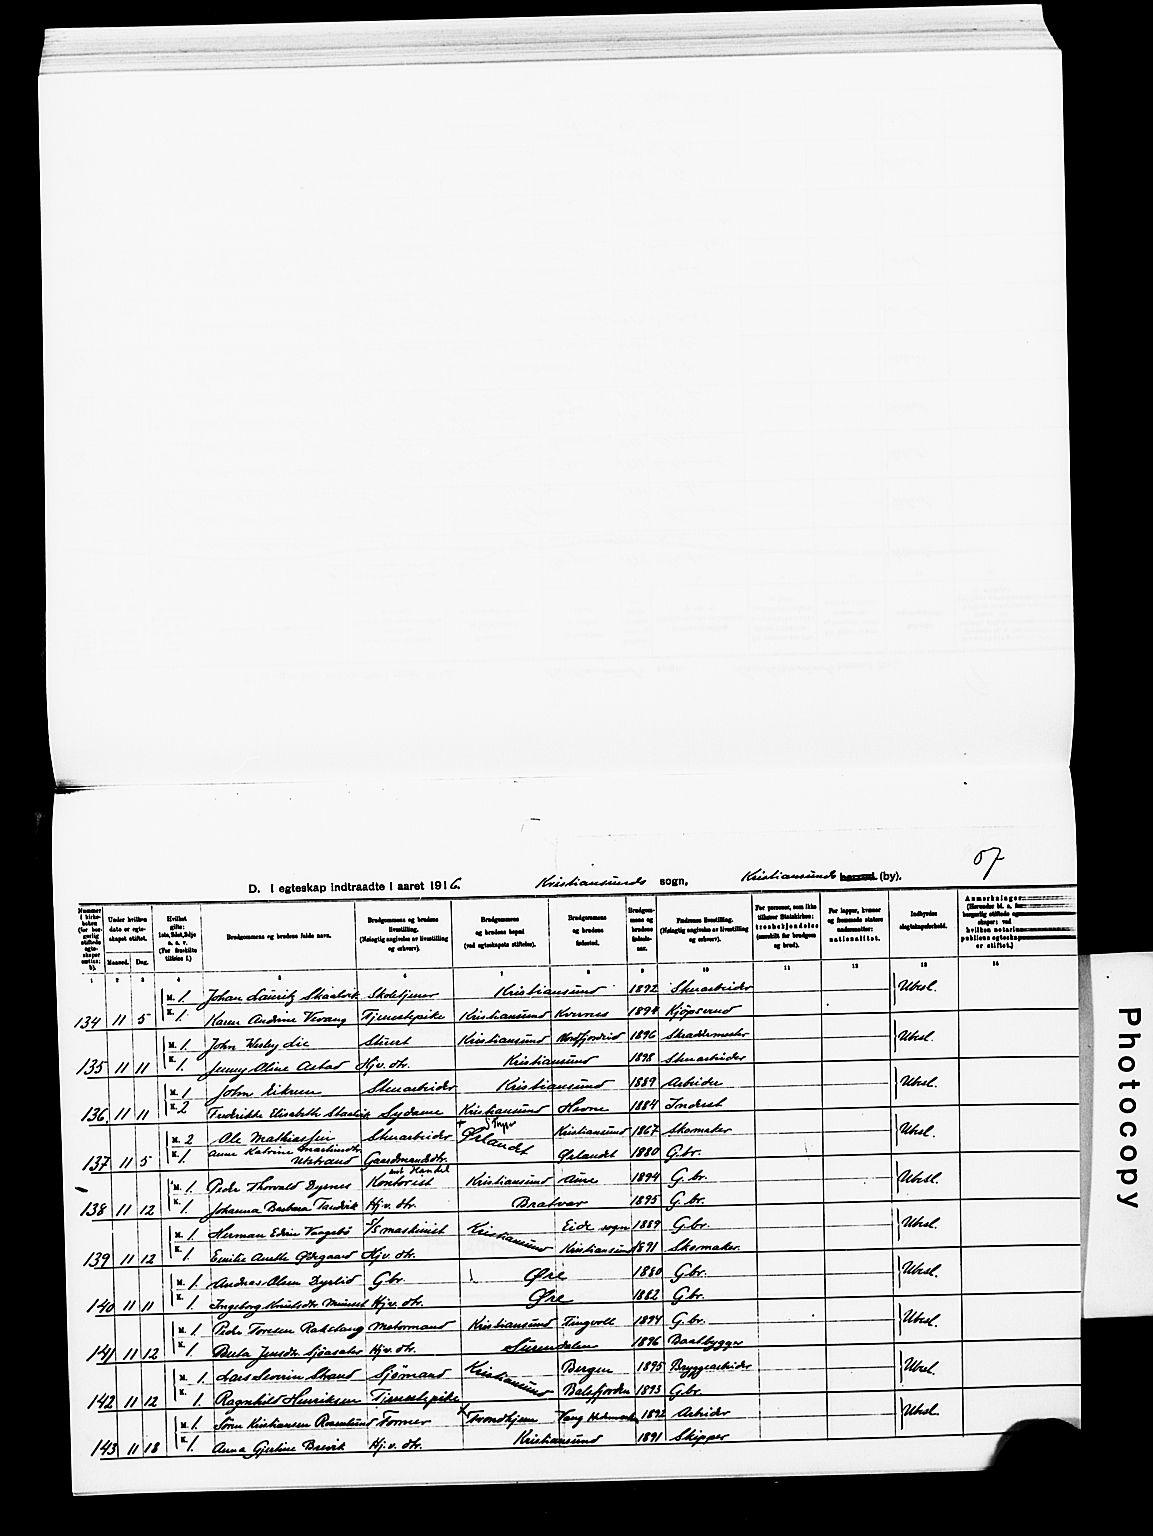 SAT, Ministerialprotokoller, klokkerbøker og fødselsregistre - Møre og Romsdal, 572/L0859: Ministerialbok nr. 572D03, 1903-1916